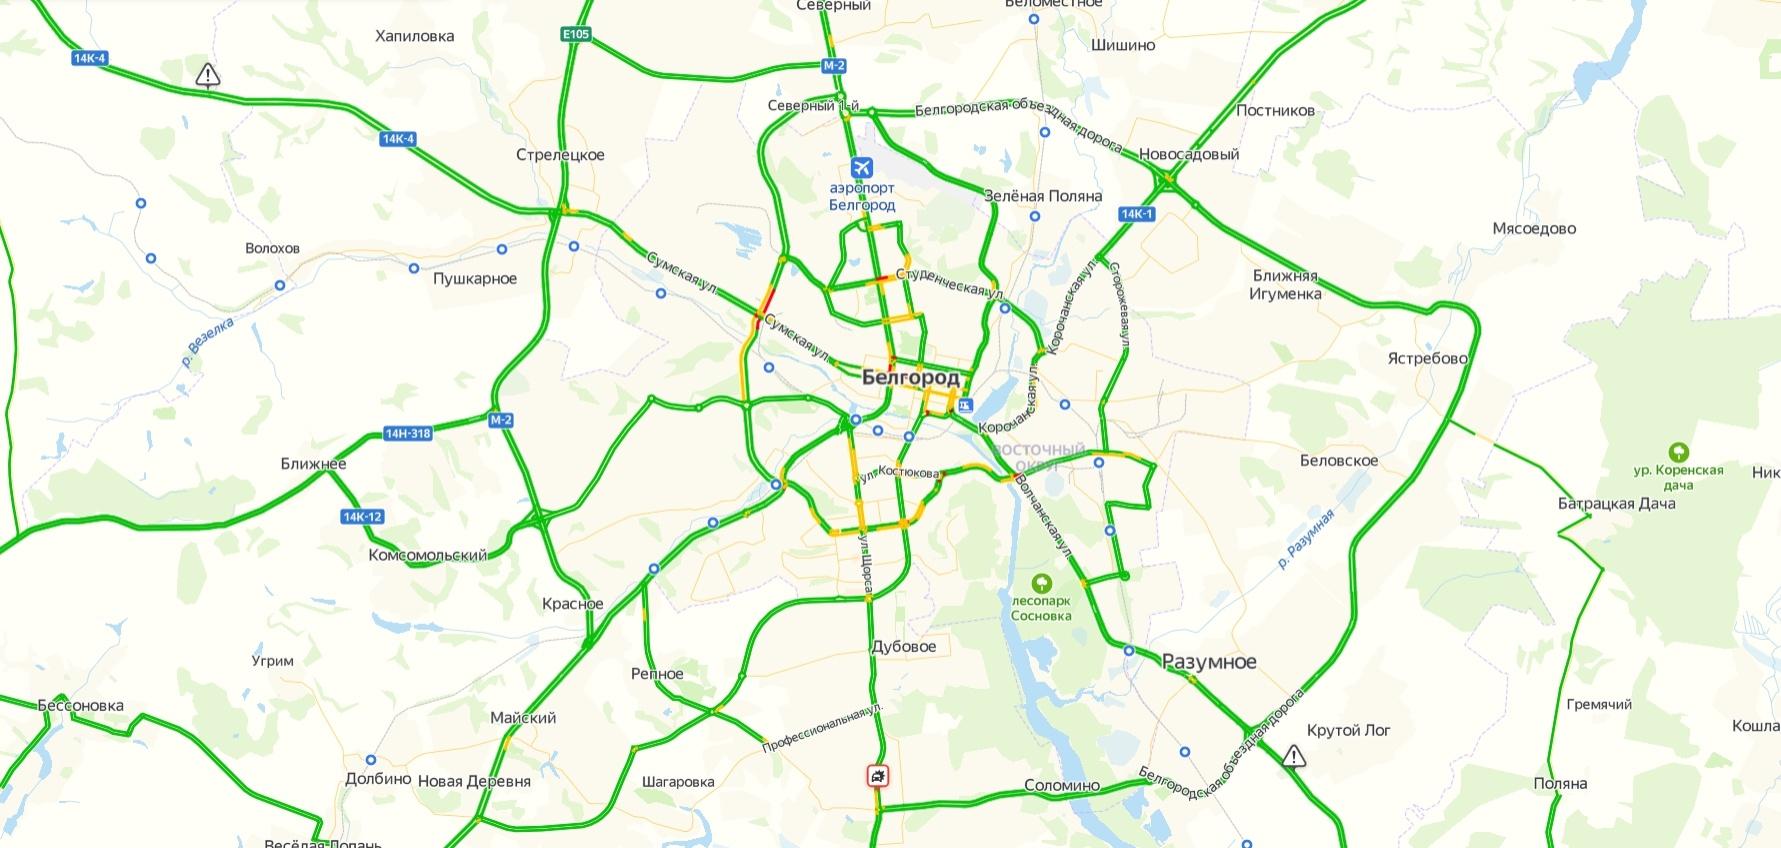 Пробки в Белгороде онлайн сейчас